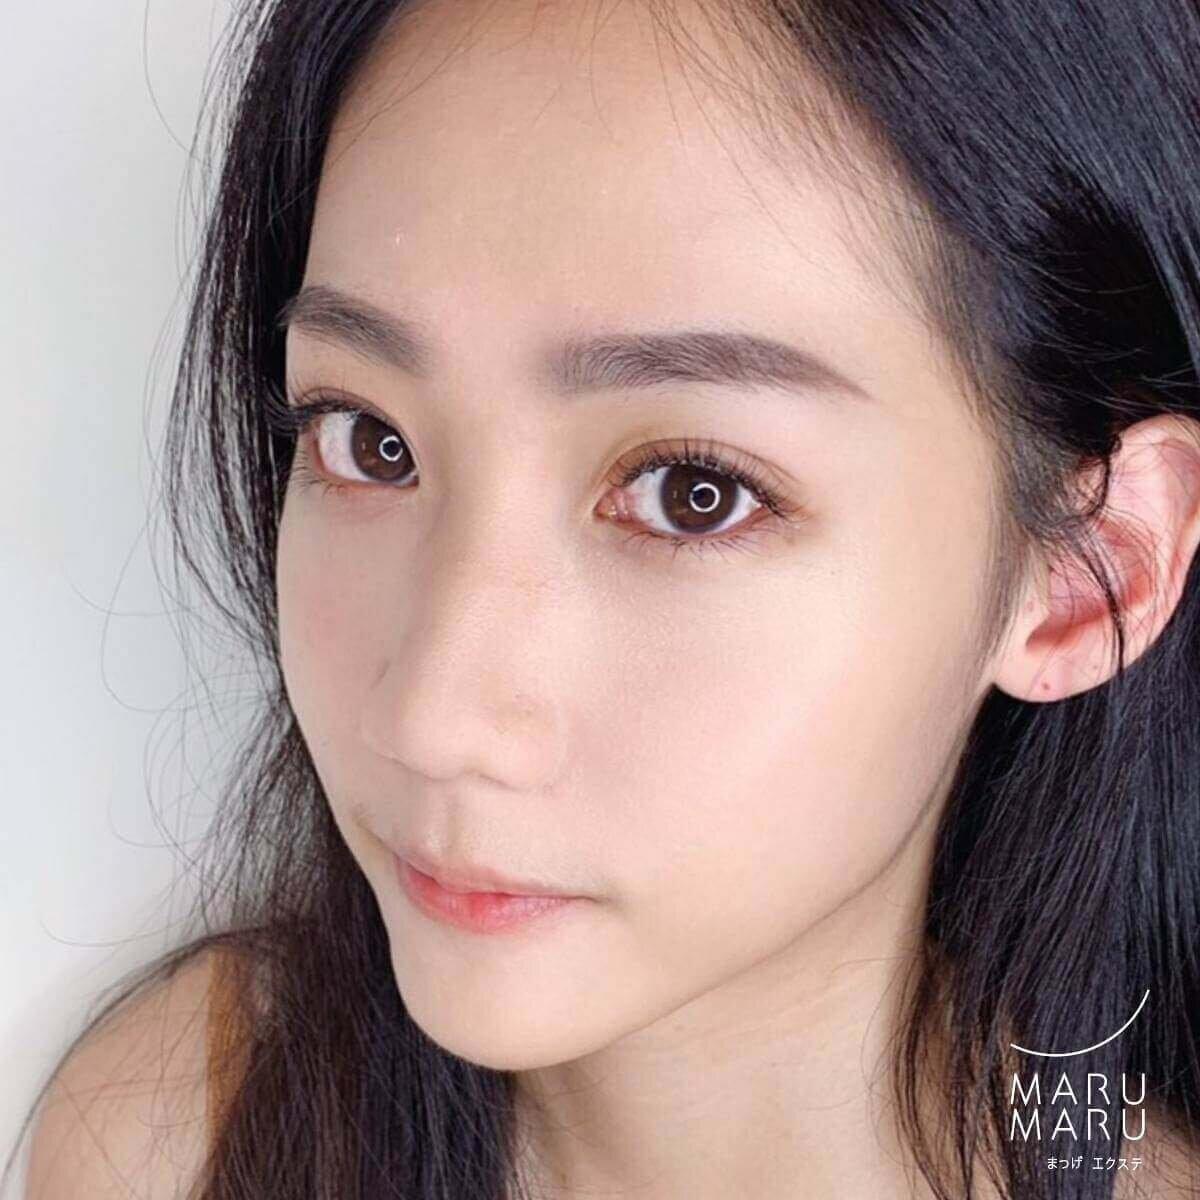 接睫毛・種睫毛 MARUMARU Lsah 日式自然美睫專門店